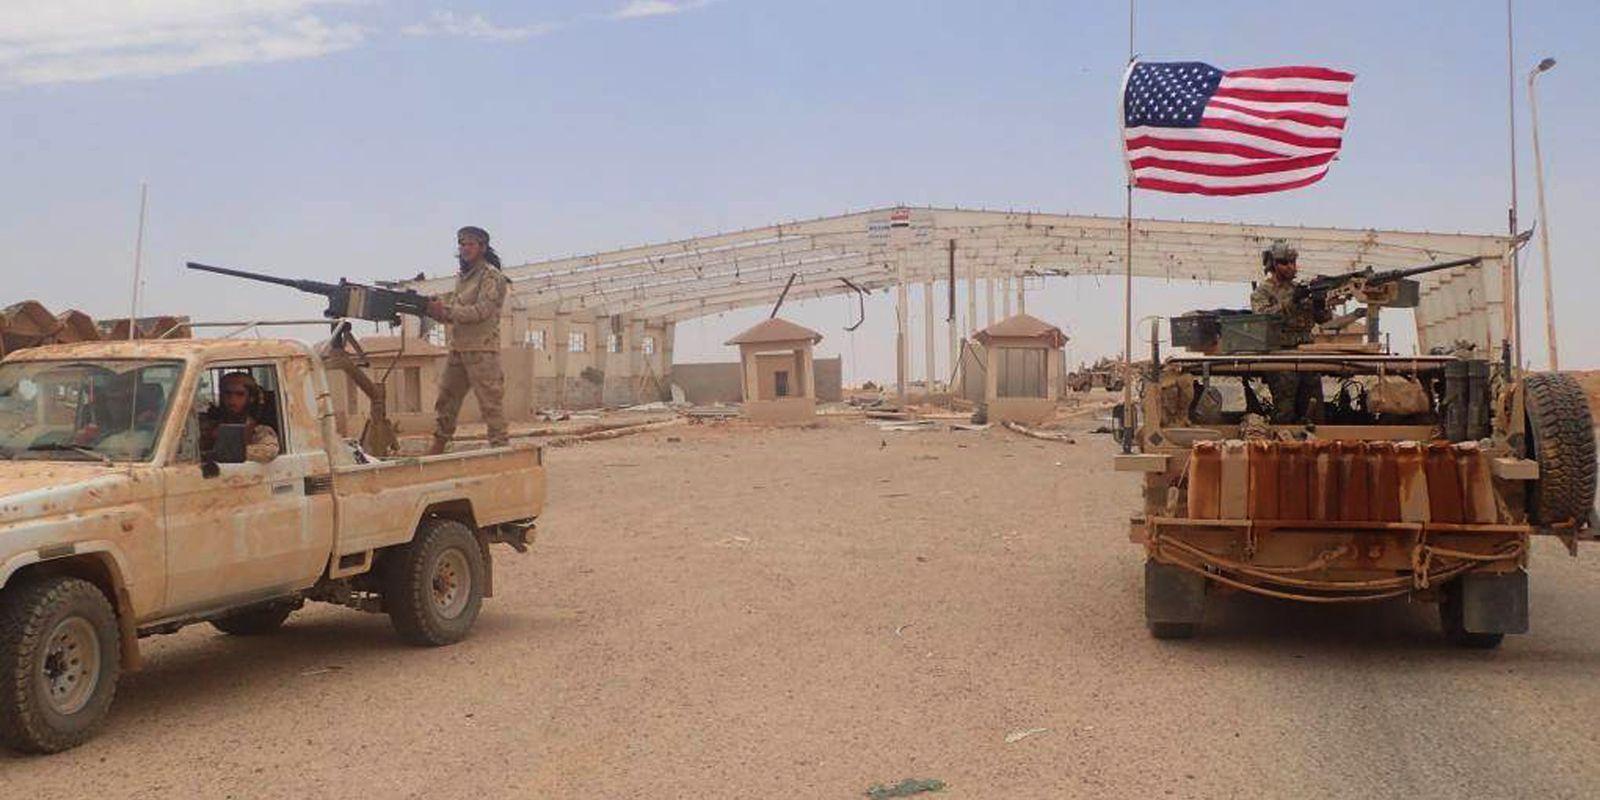 米国主導の連合、シリア陸軍に対するシリア軍攻撃を推進する代理人 - レポート